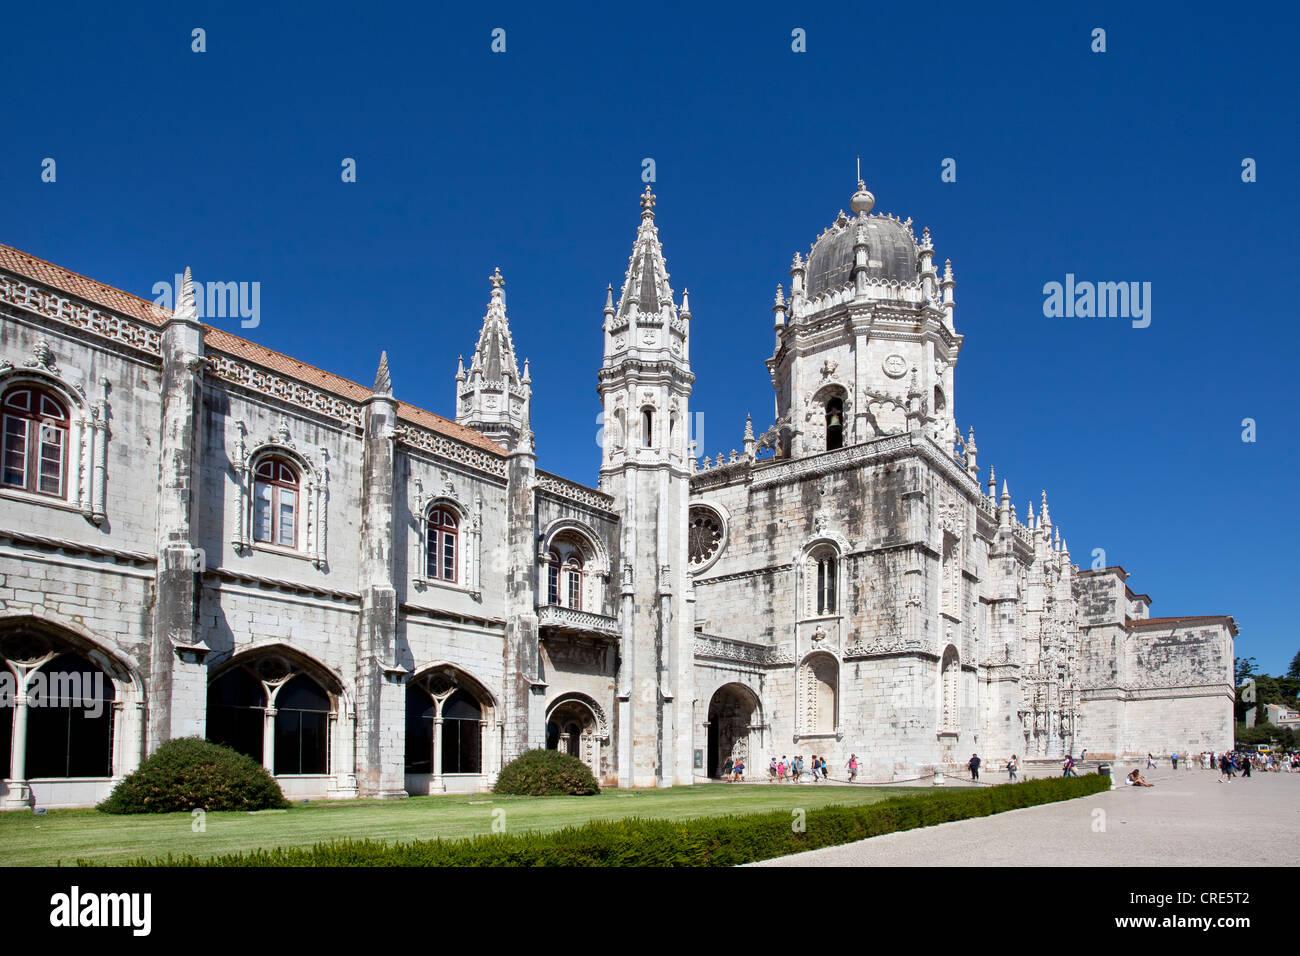 Hieronymus, Monastère Mosteiro dos Jeronimos, Site du patrimoine mondial de l'UNESCO, dans le quartier Photo Stock